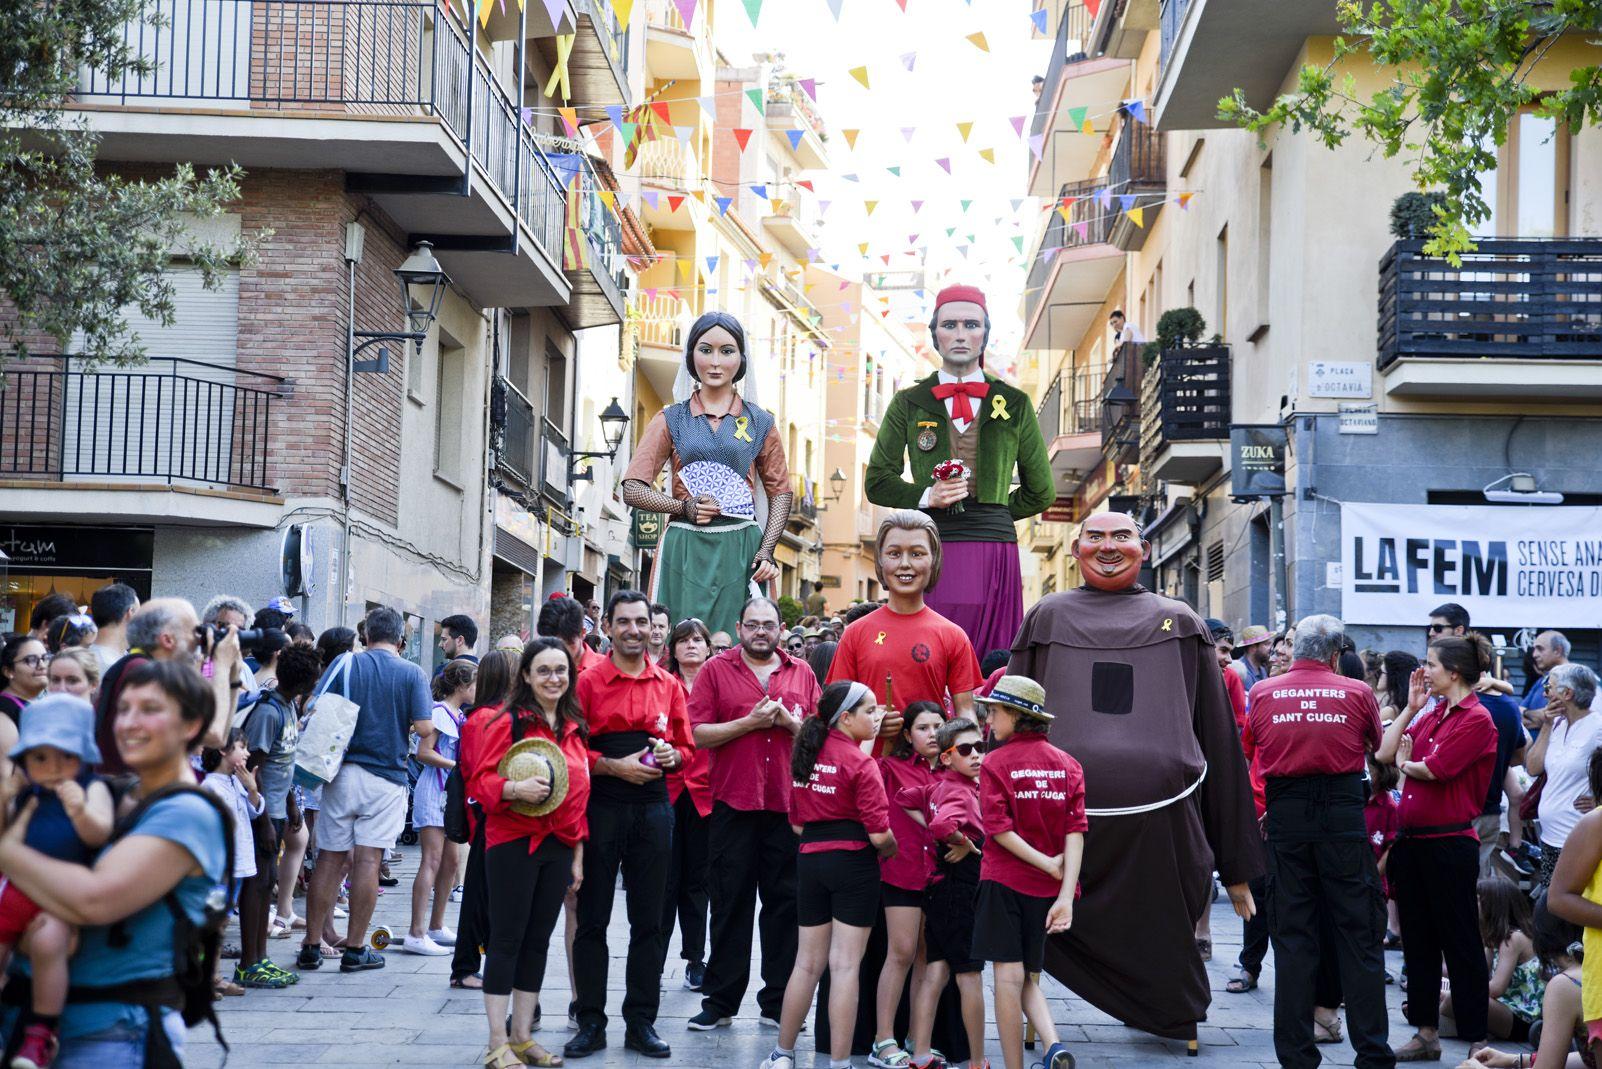 Seguici de Sant Pere de Festa Major. Foto: Bernat Millet.